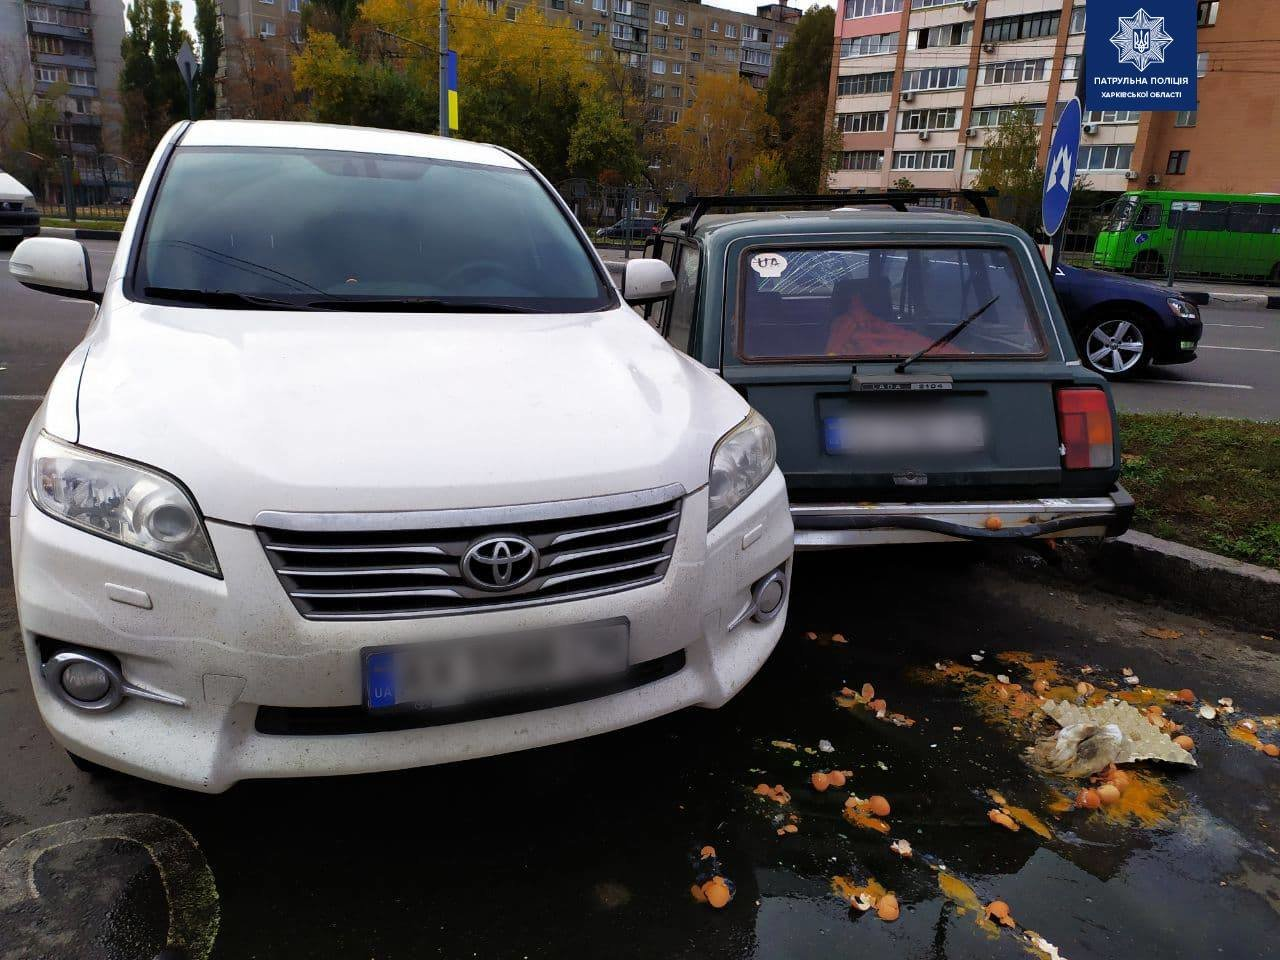 В Харькове не разминулись легковое авто «ВАЗ» и внедорожник «Toyota»: есть пострадавший, - ФОТО, фото-1